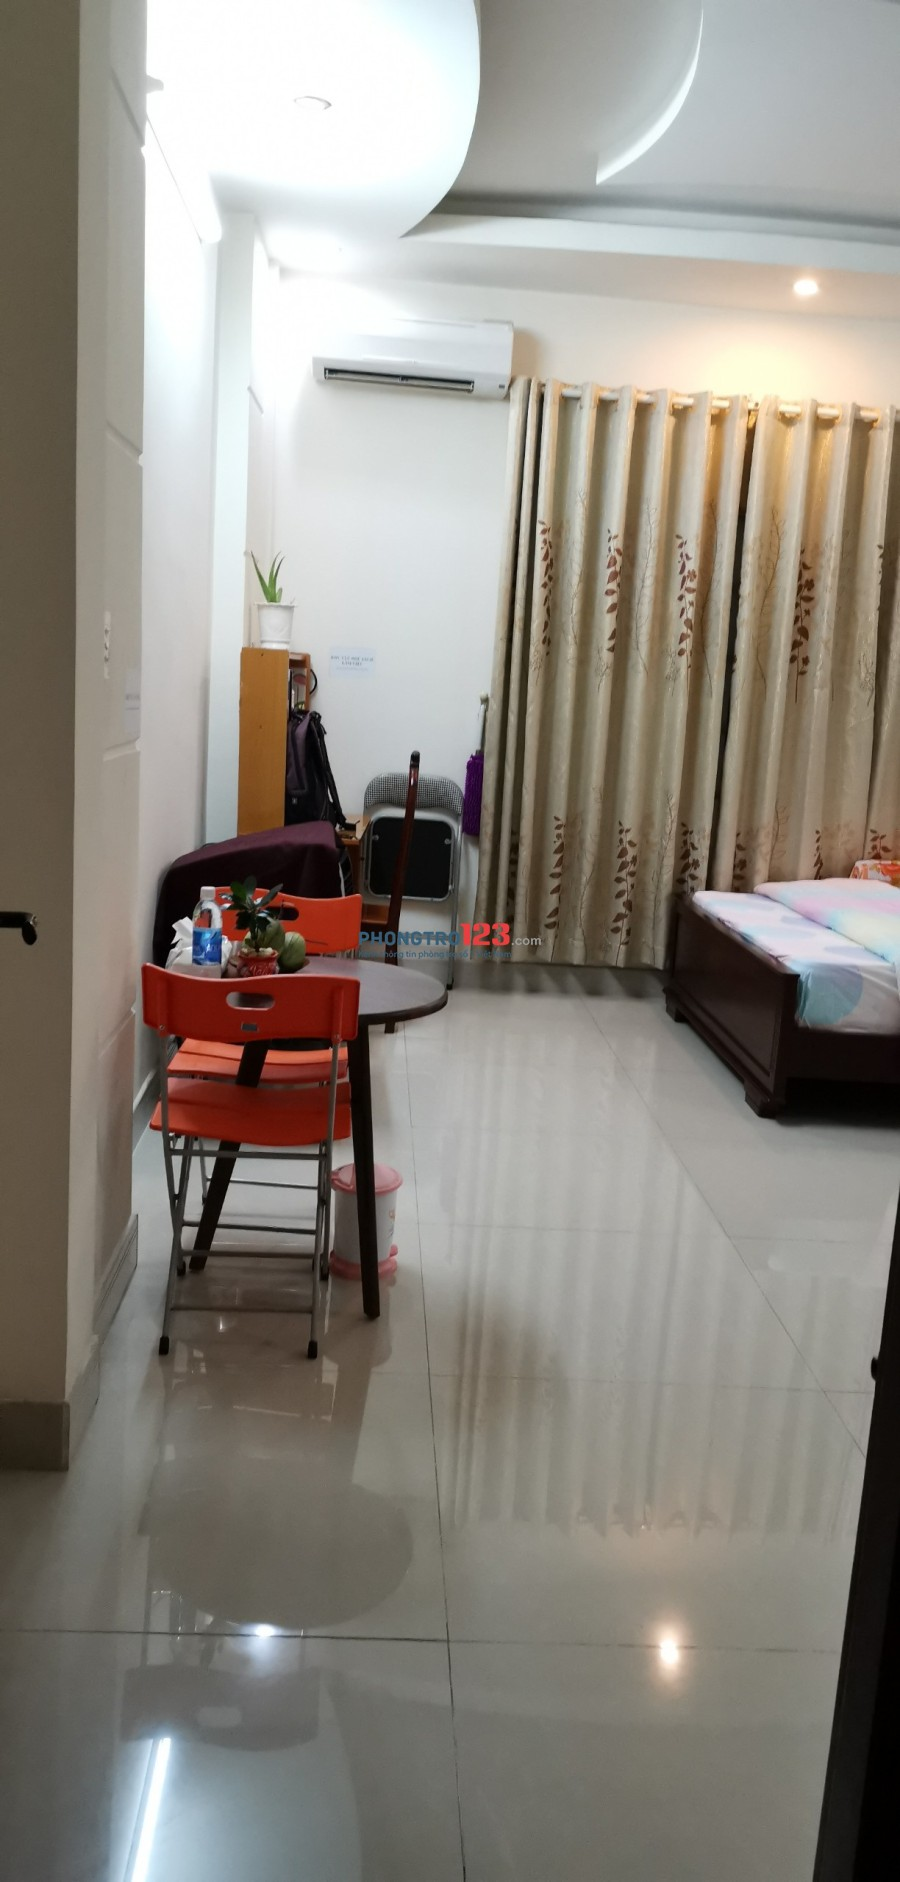 Tìm nữ ở ghép Q.6 nhà phố an ninh, xanh, sạch, đẹp, bao trọn chi phí 2.3tr/tháng/người